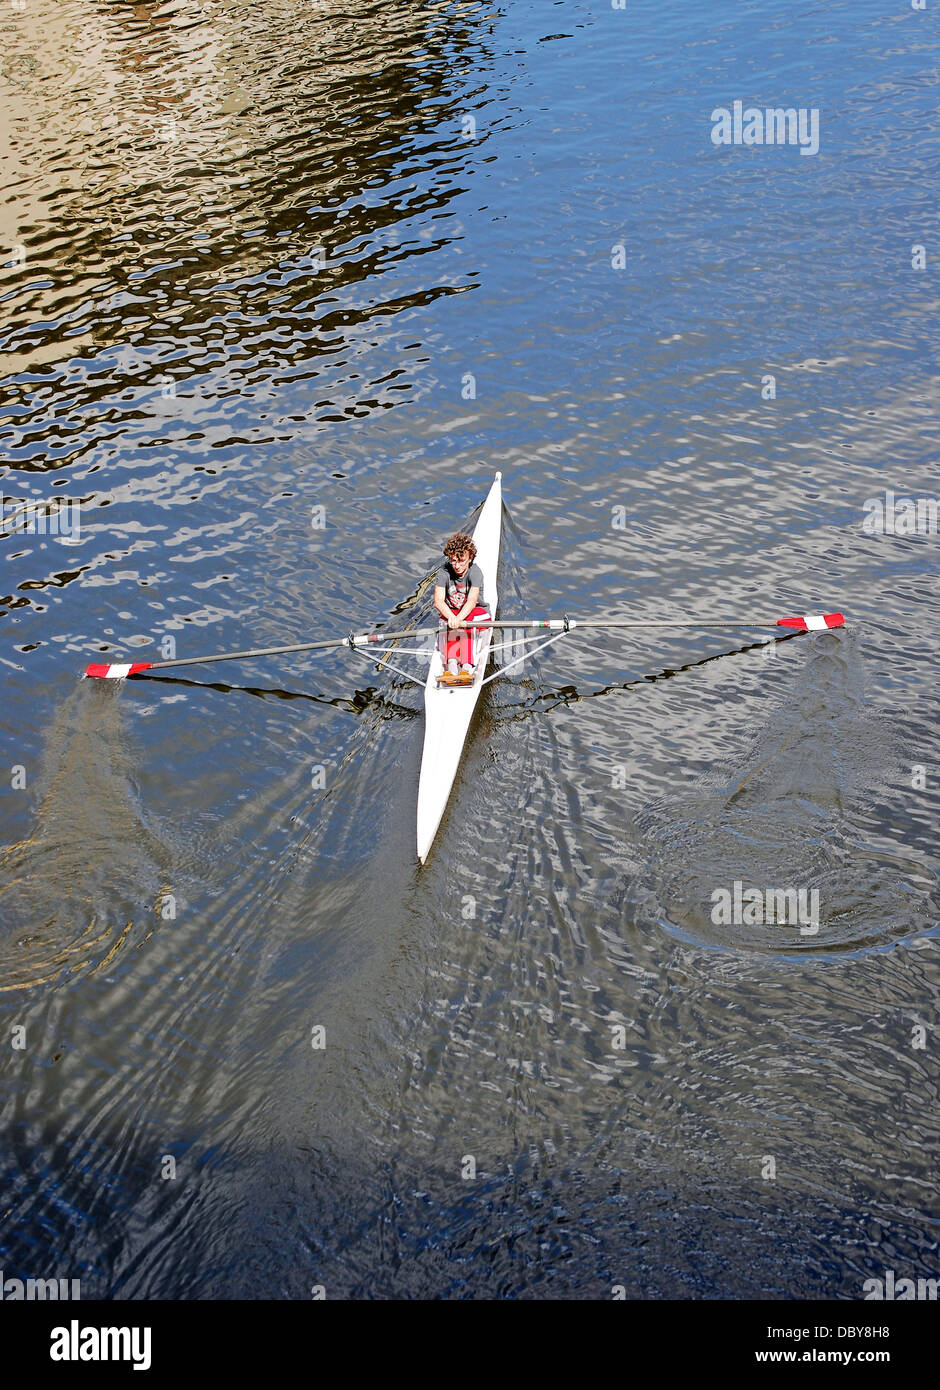 Un vogatore praticando sul fiume Arno a Firenze, Italia Immagini Stock